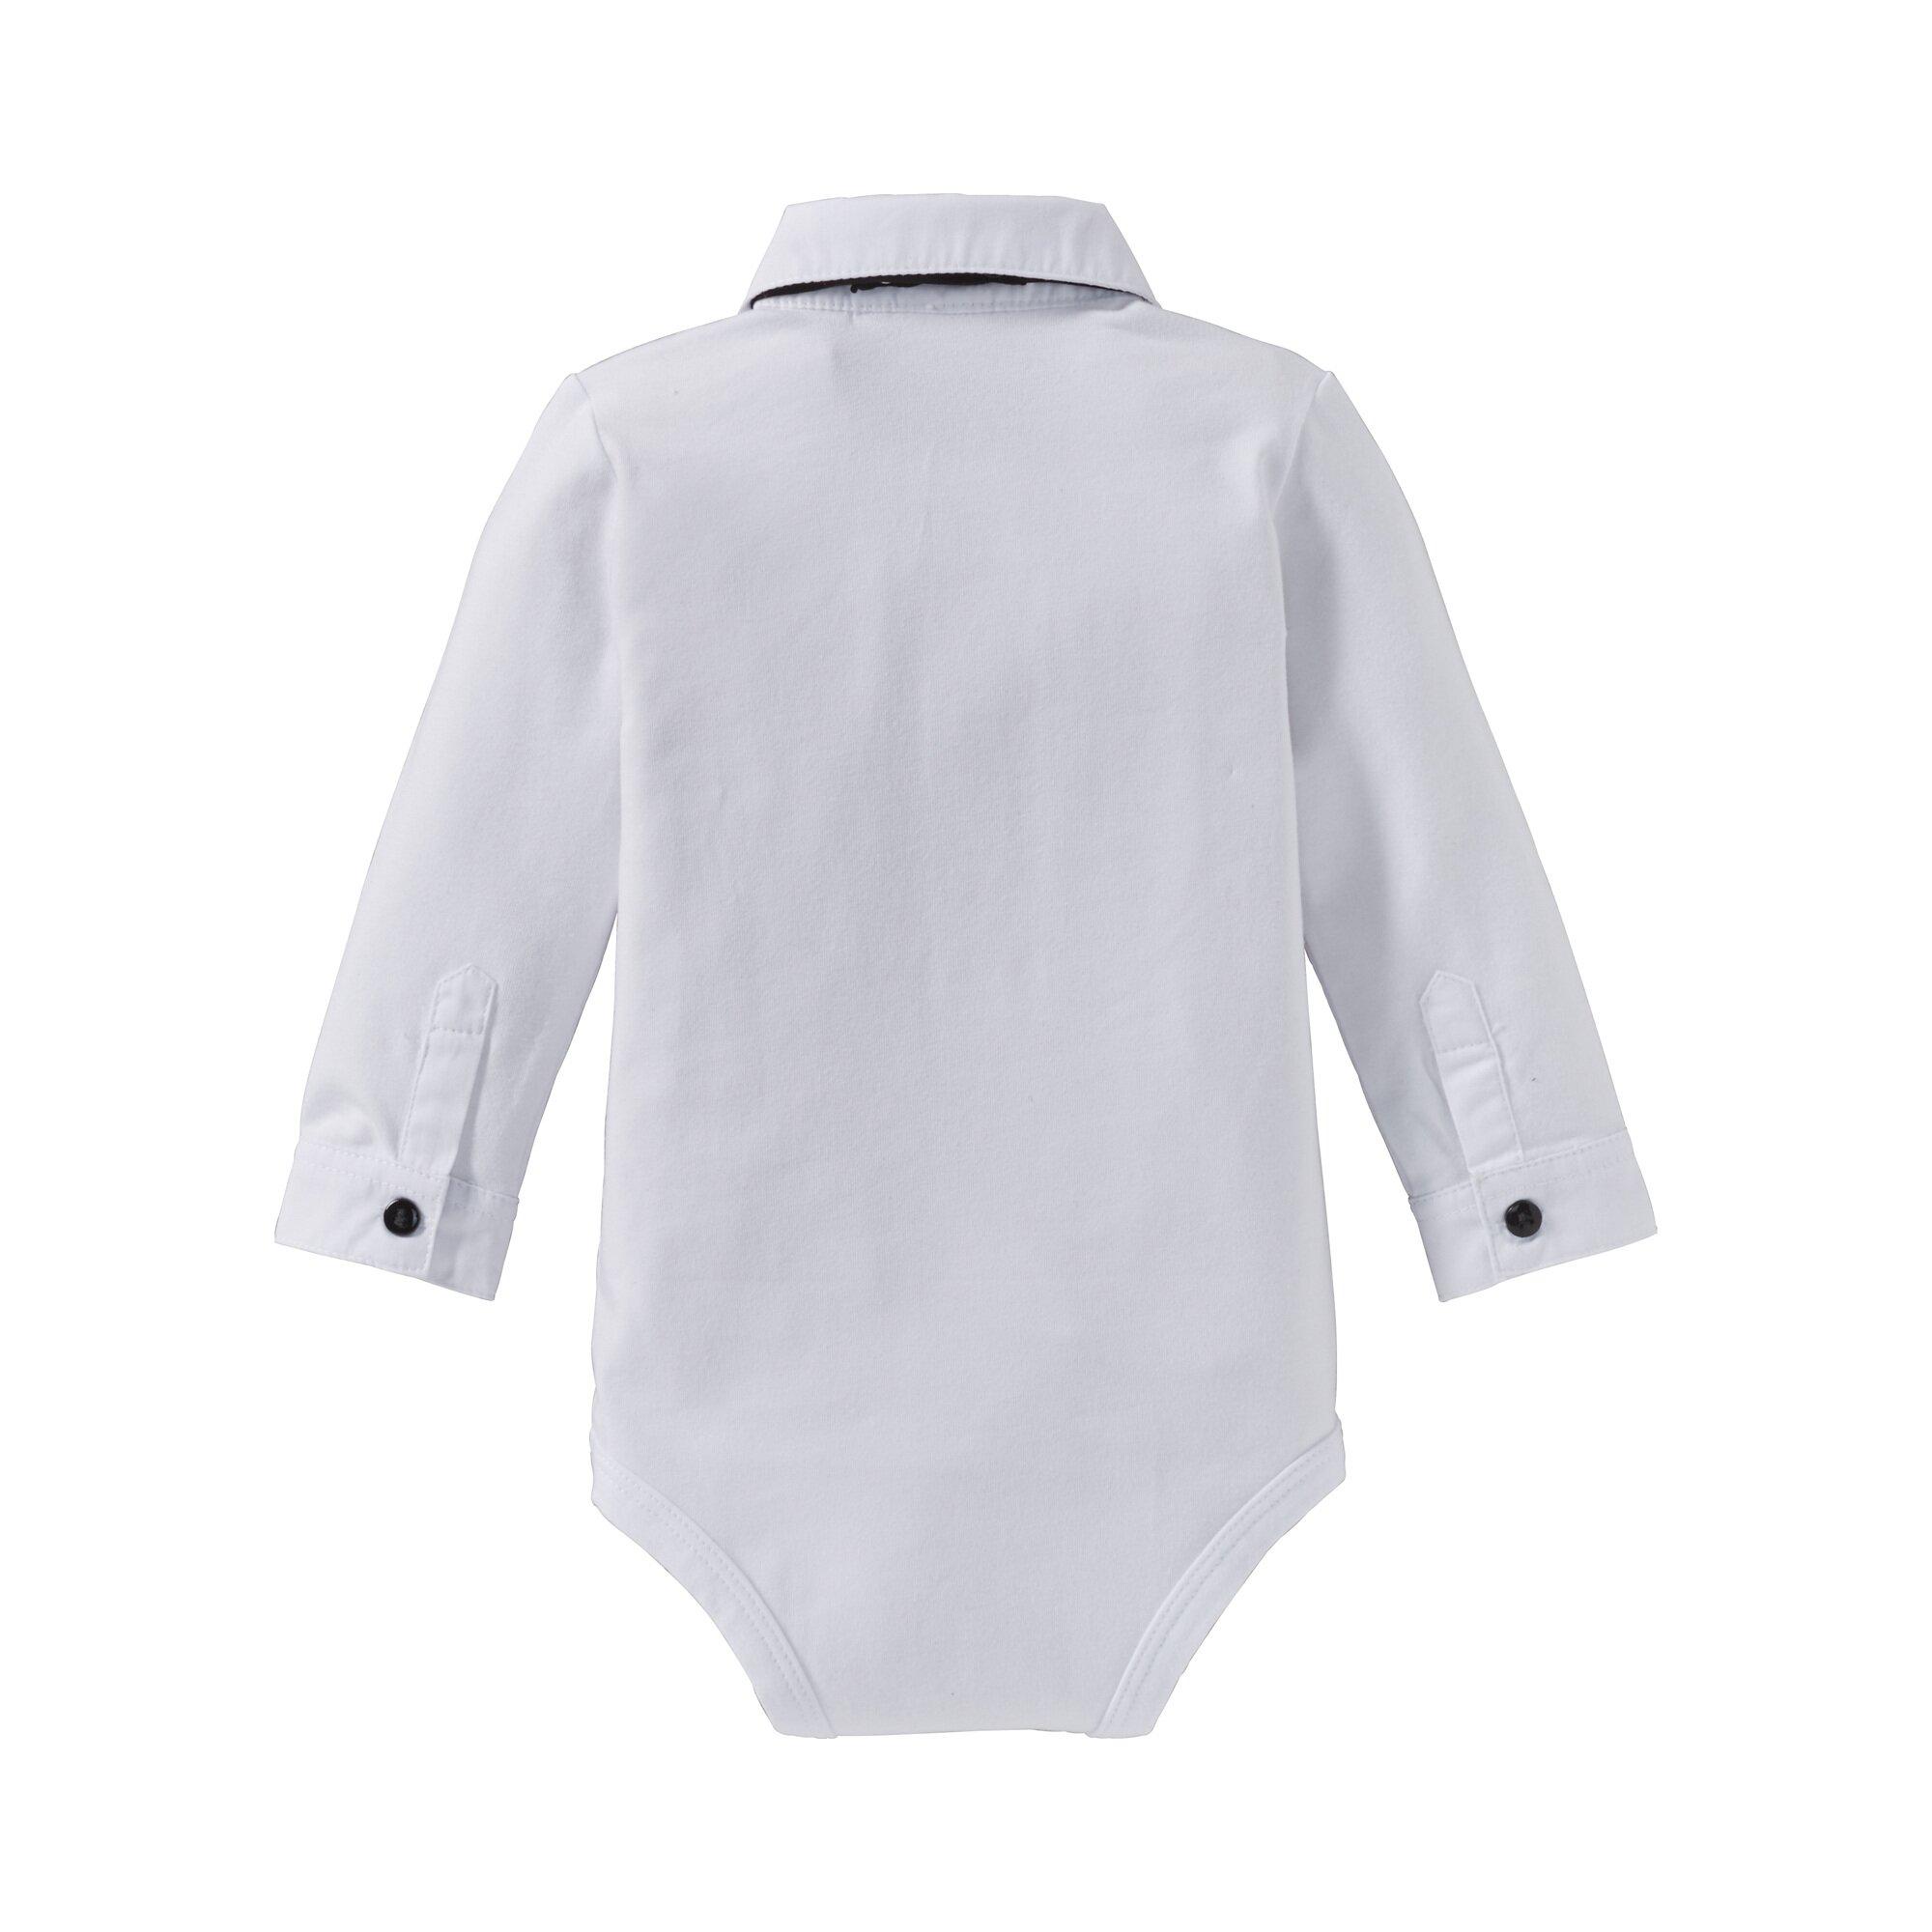 festliche-mode-body-langarm-hemd-mit-fliege